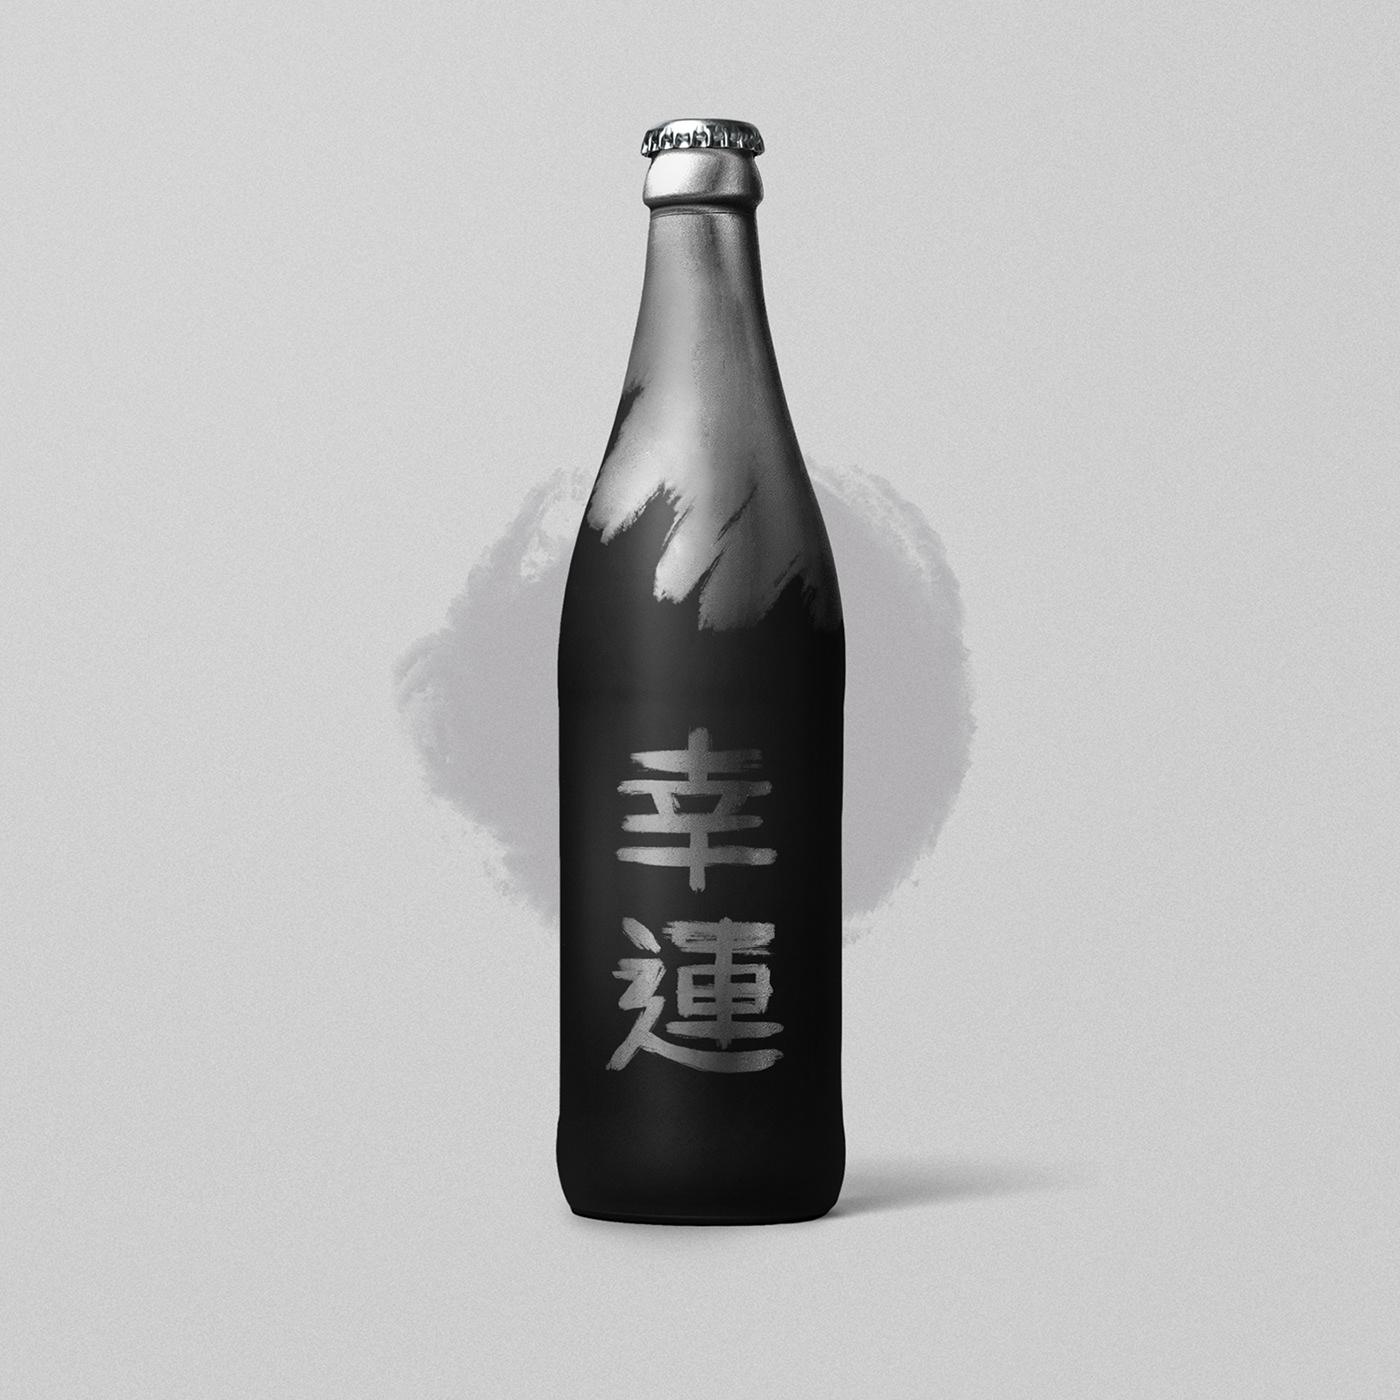 Fortune-bottle-01.jpg